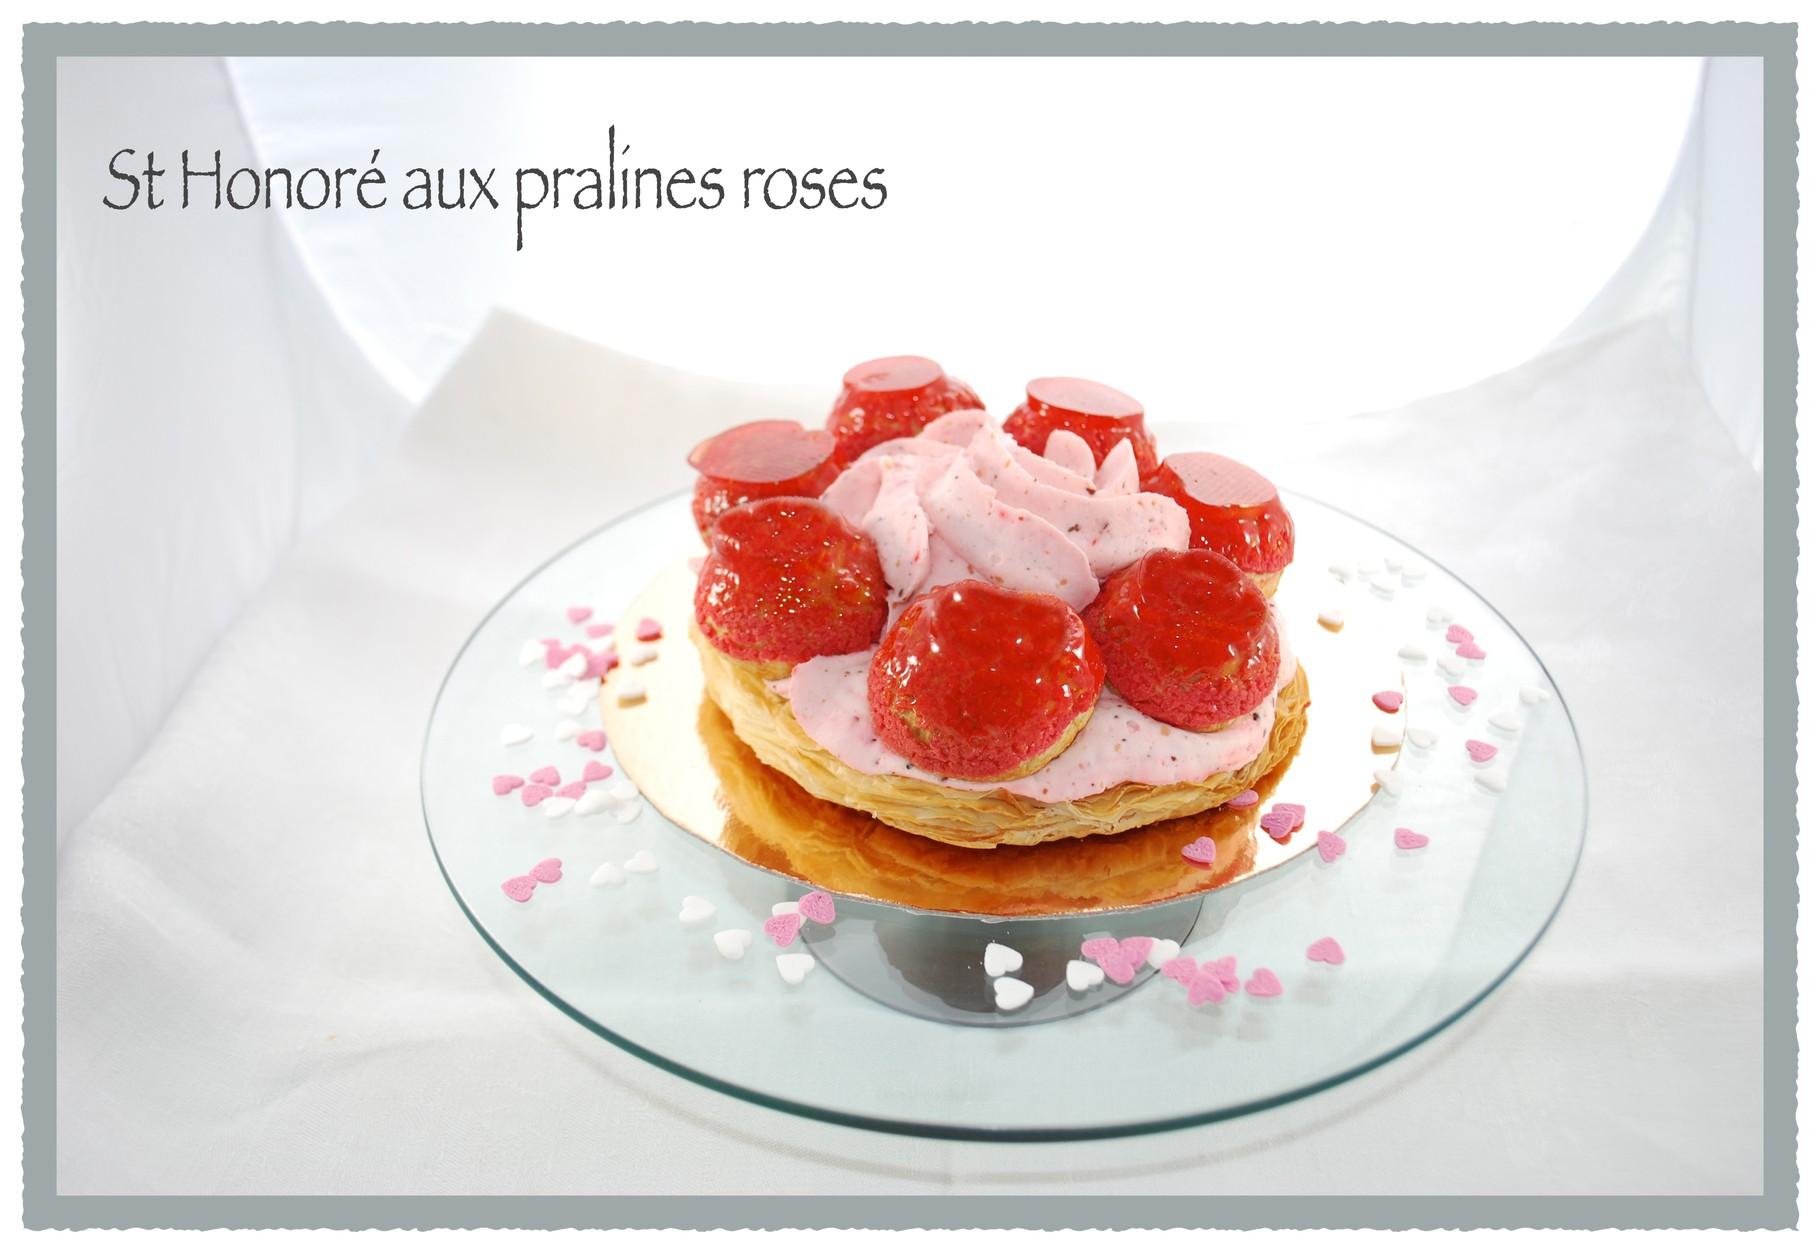 St Honoré spécial St Valentin à la chantilly aux pralines roses